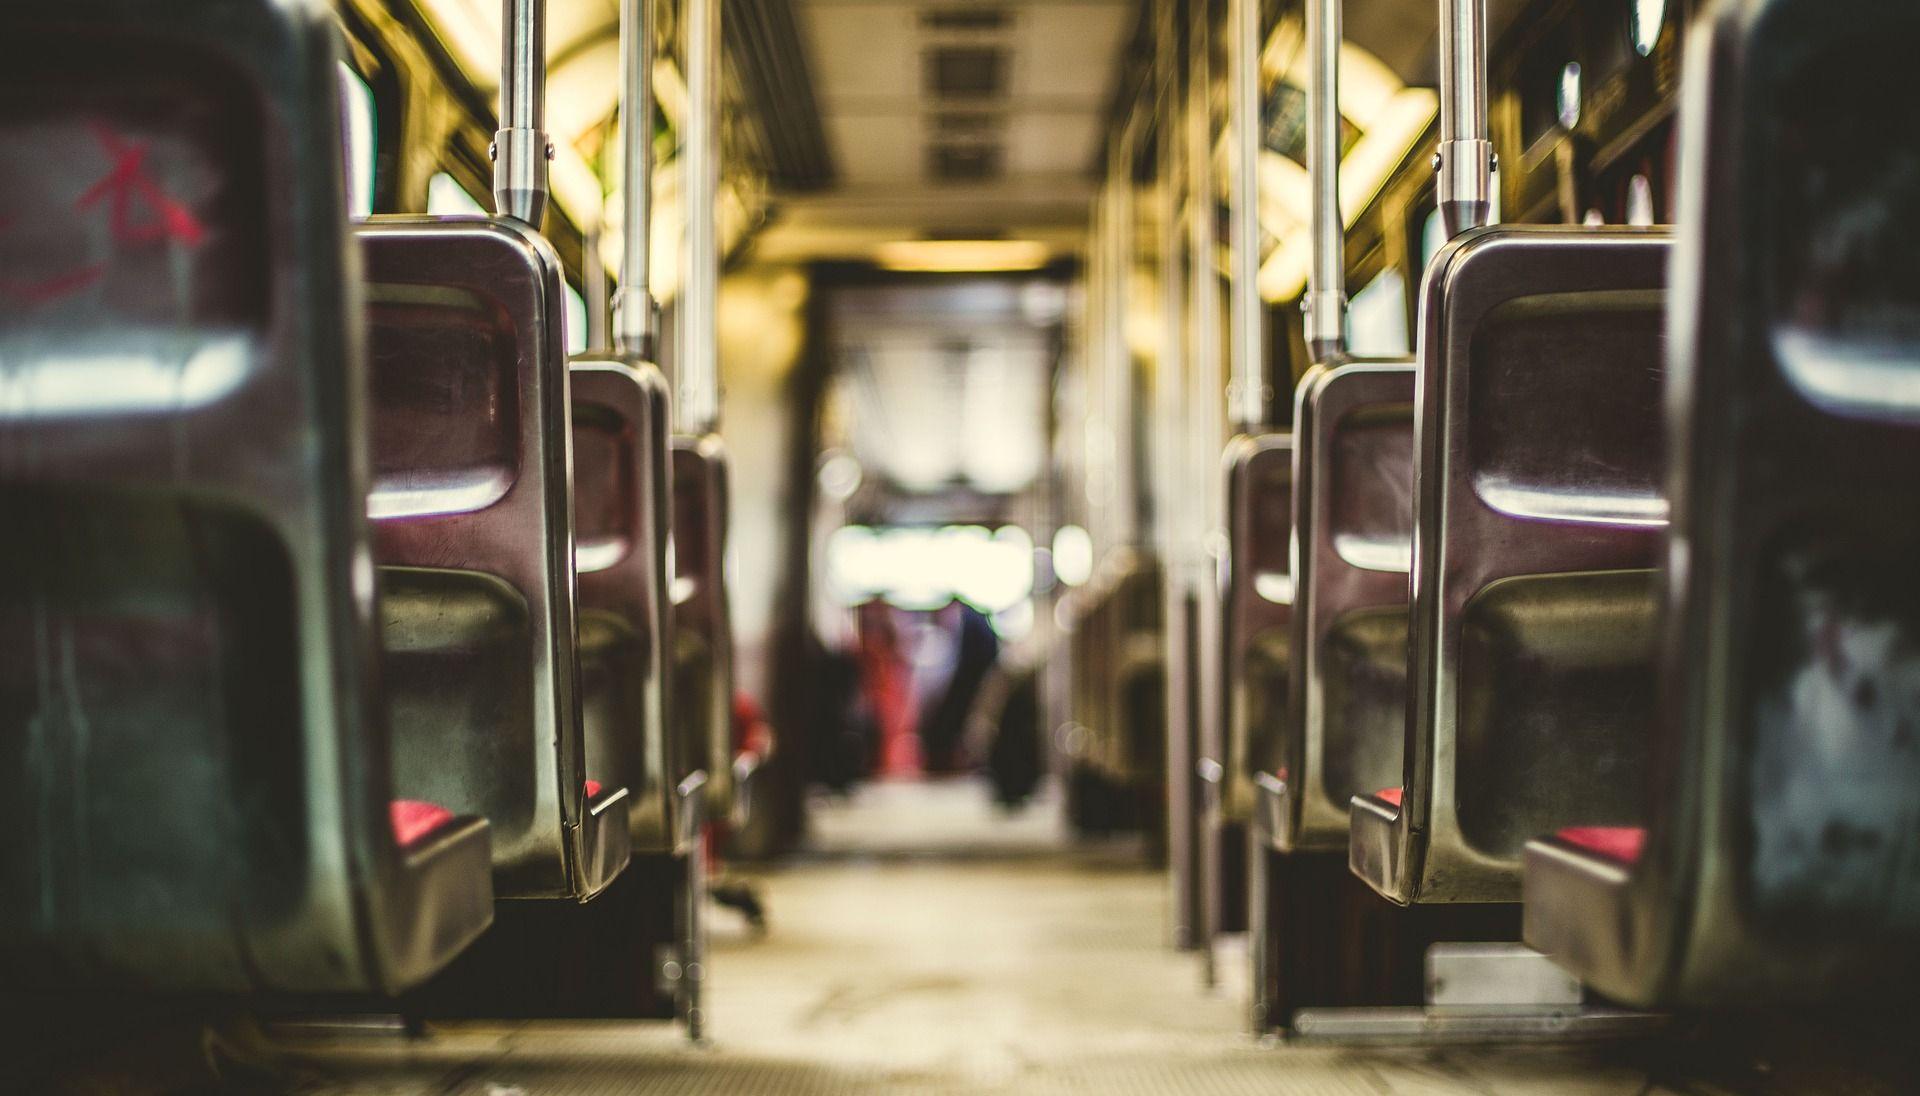 PORAST SEKSUALNIH NAPADA Britanci razmišljaju o odvajanju žena od muškaraca u javnom prijevozu